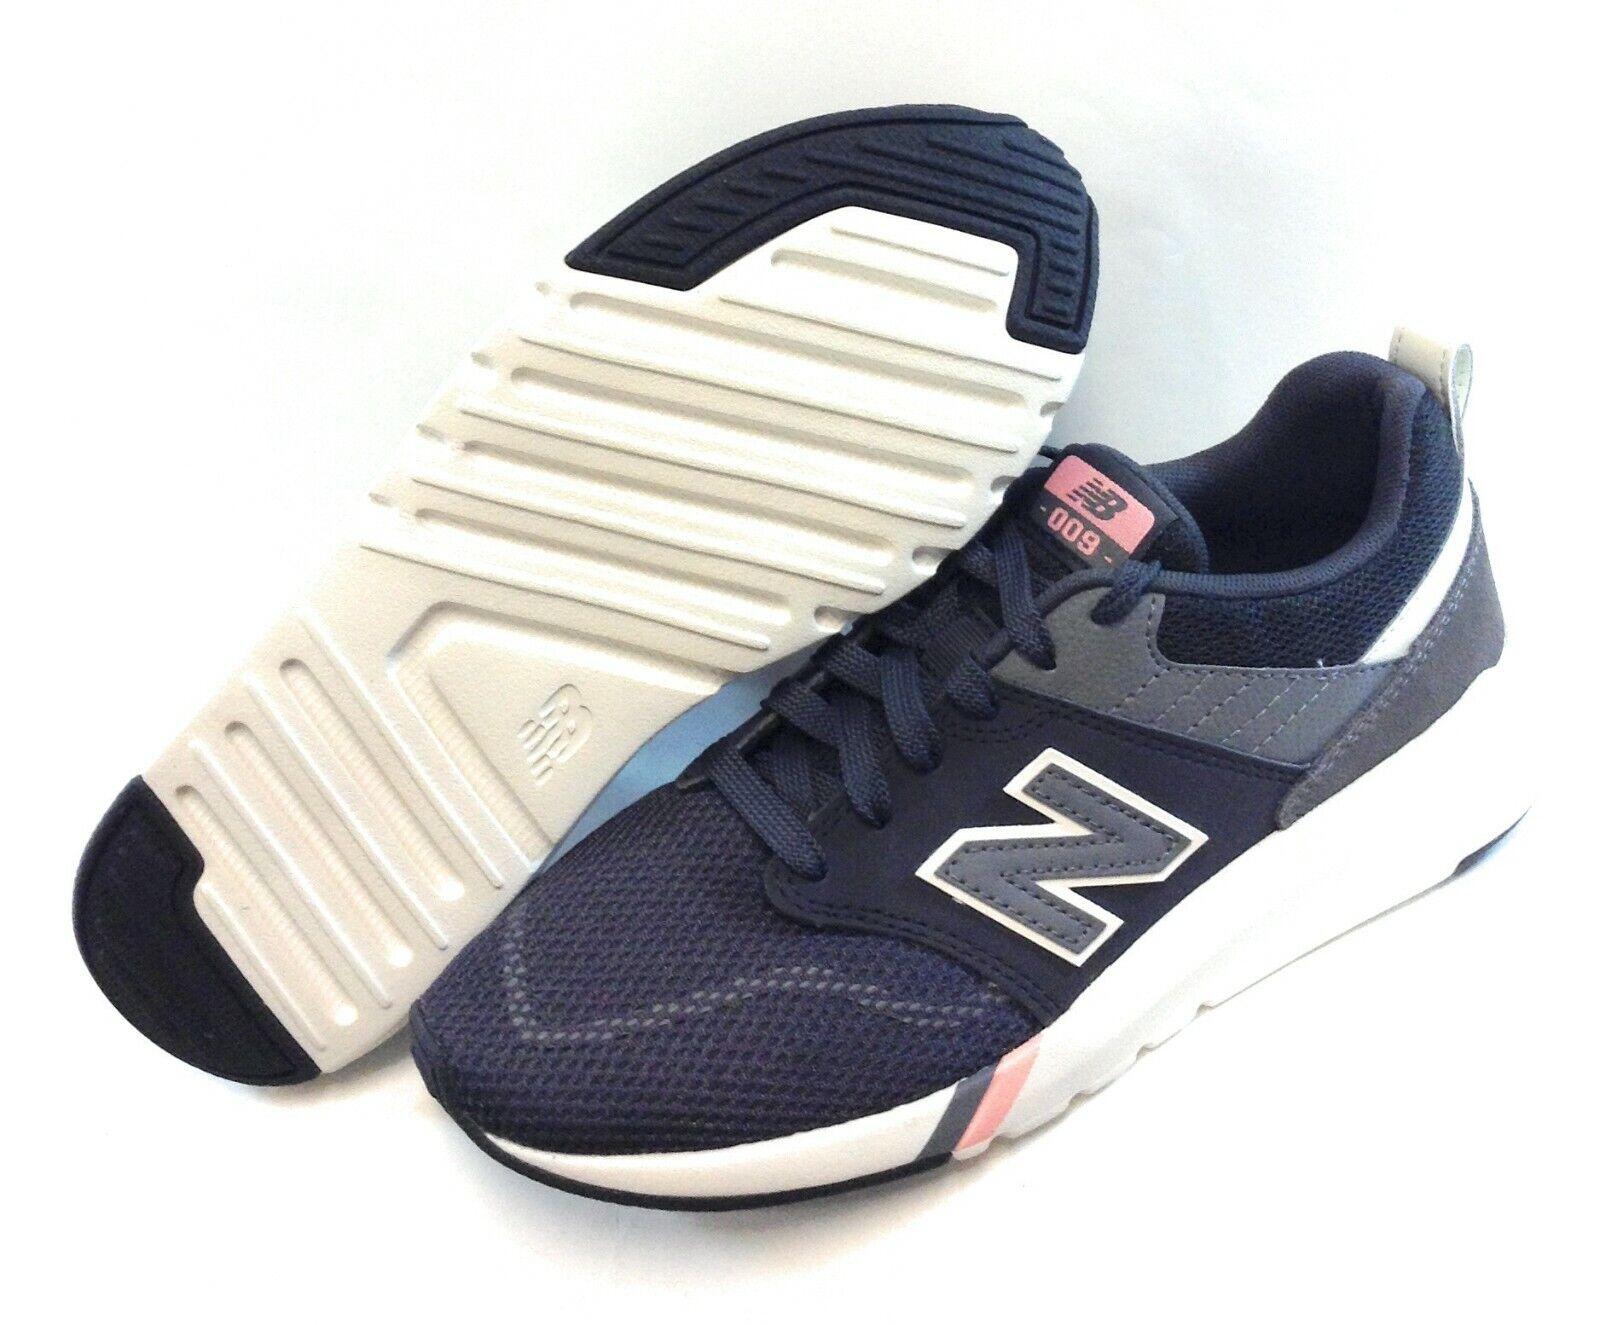 Chaussures Femme New Balance 009 PP1 Noir Gris Foncé Rose Athlétique Baskets Chaussures